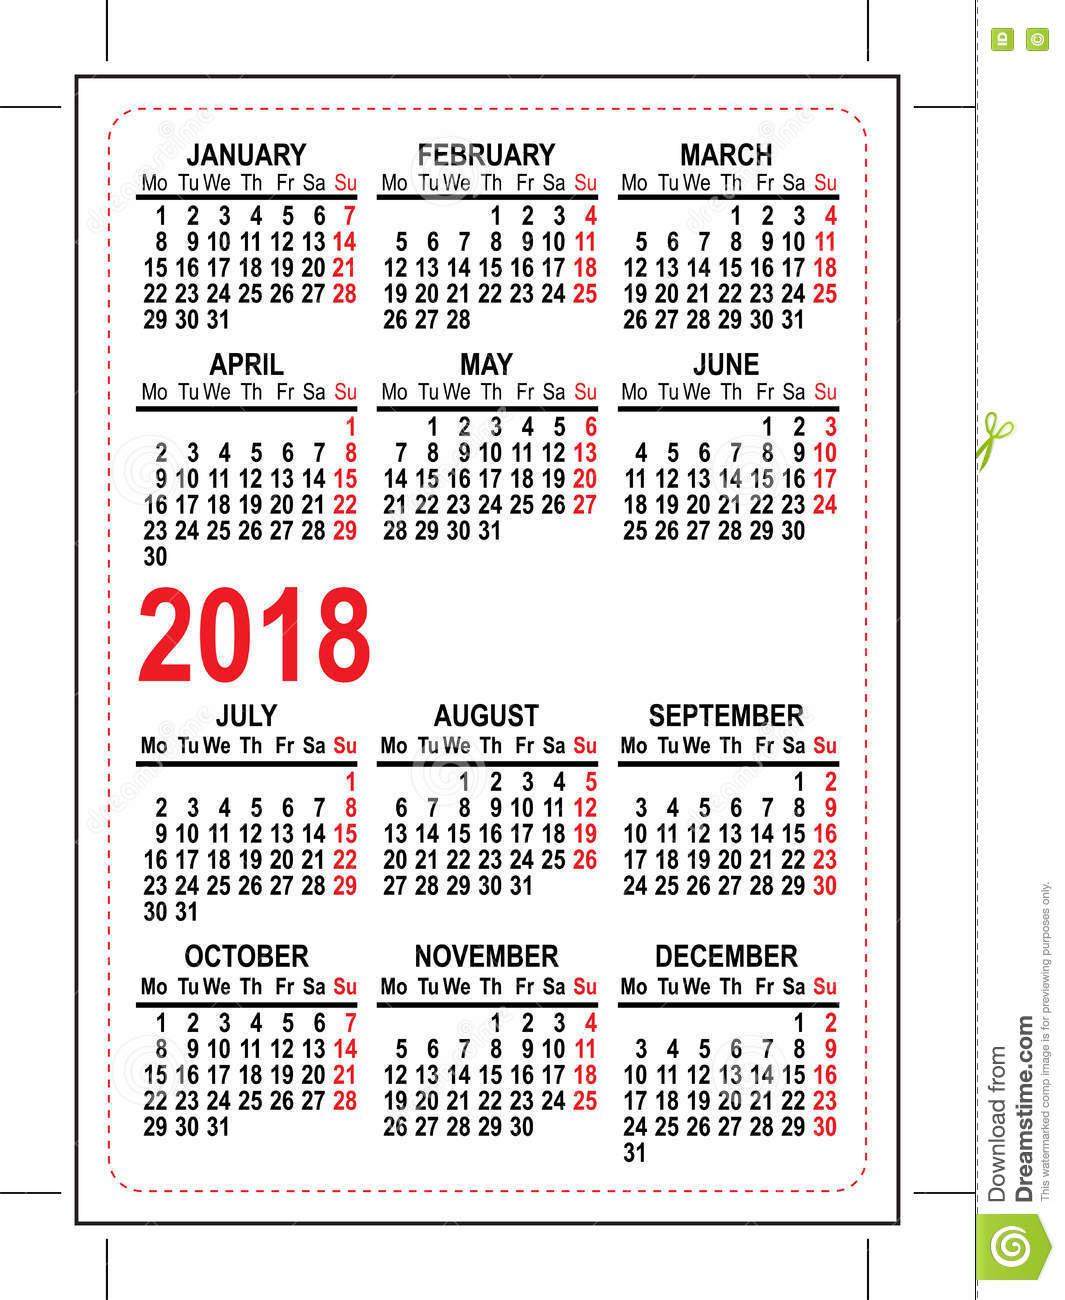 2018 pocket calendar grid pocket calendar illustration vector format 75145827 rnUGaY